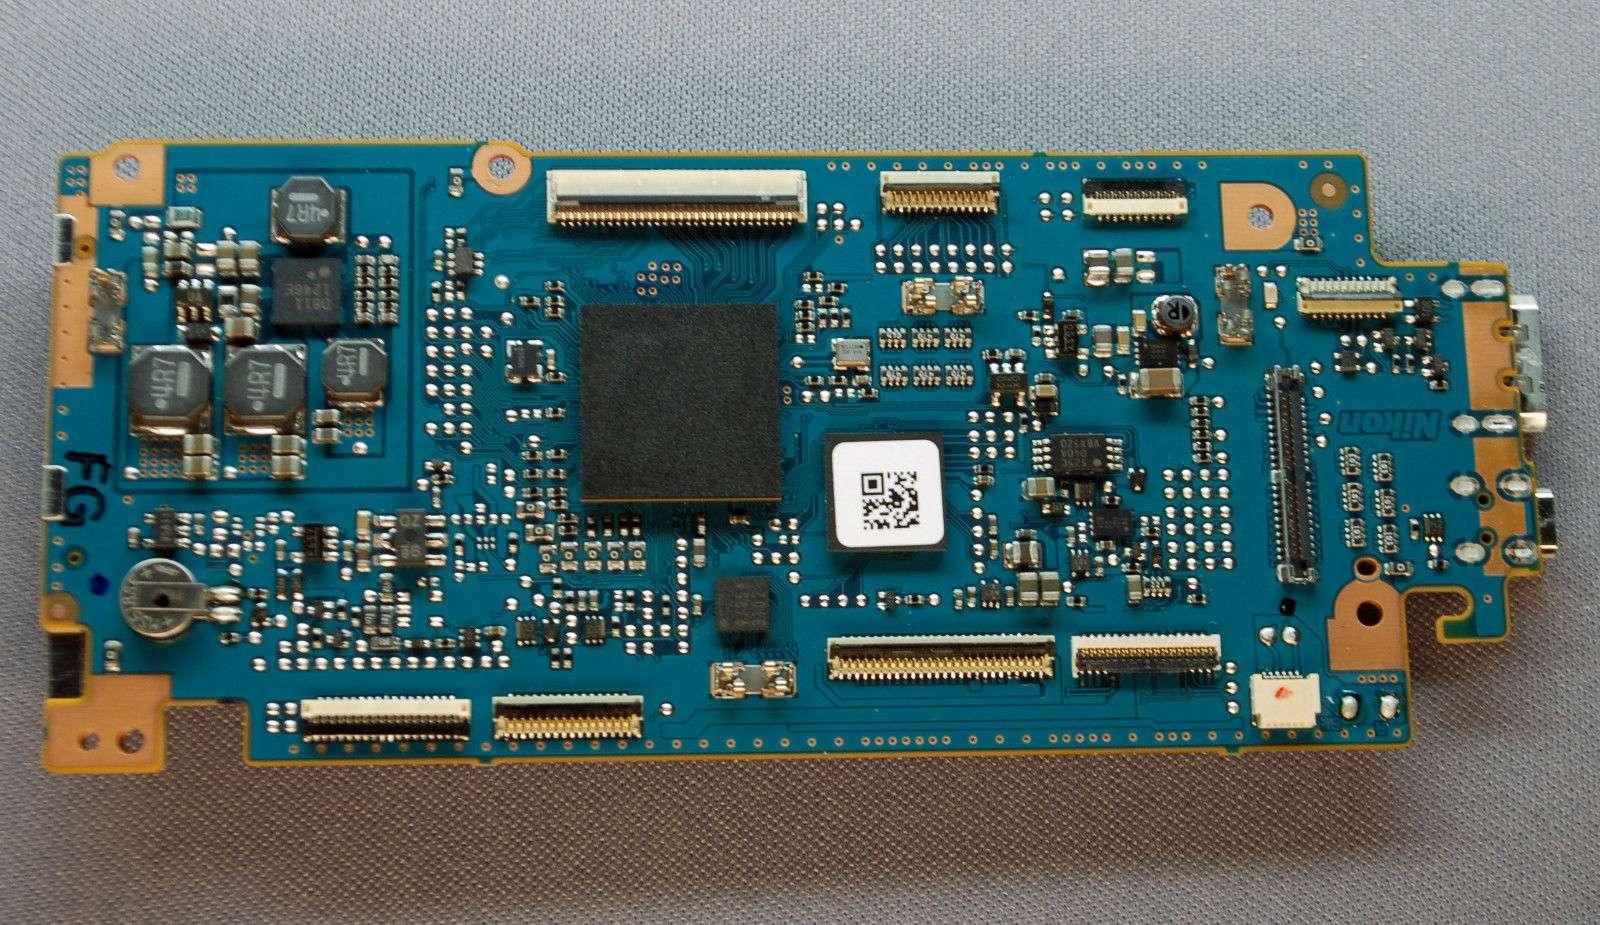 Nikon D5200 Main Mainboard Motherboard Mcu Pcb Board Original Oem Circuit Boards Made In China Buy 4 Layer Printed